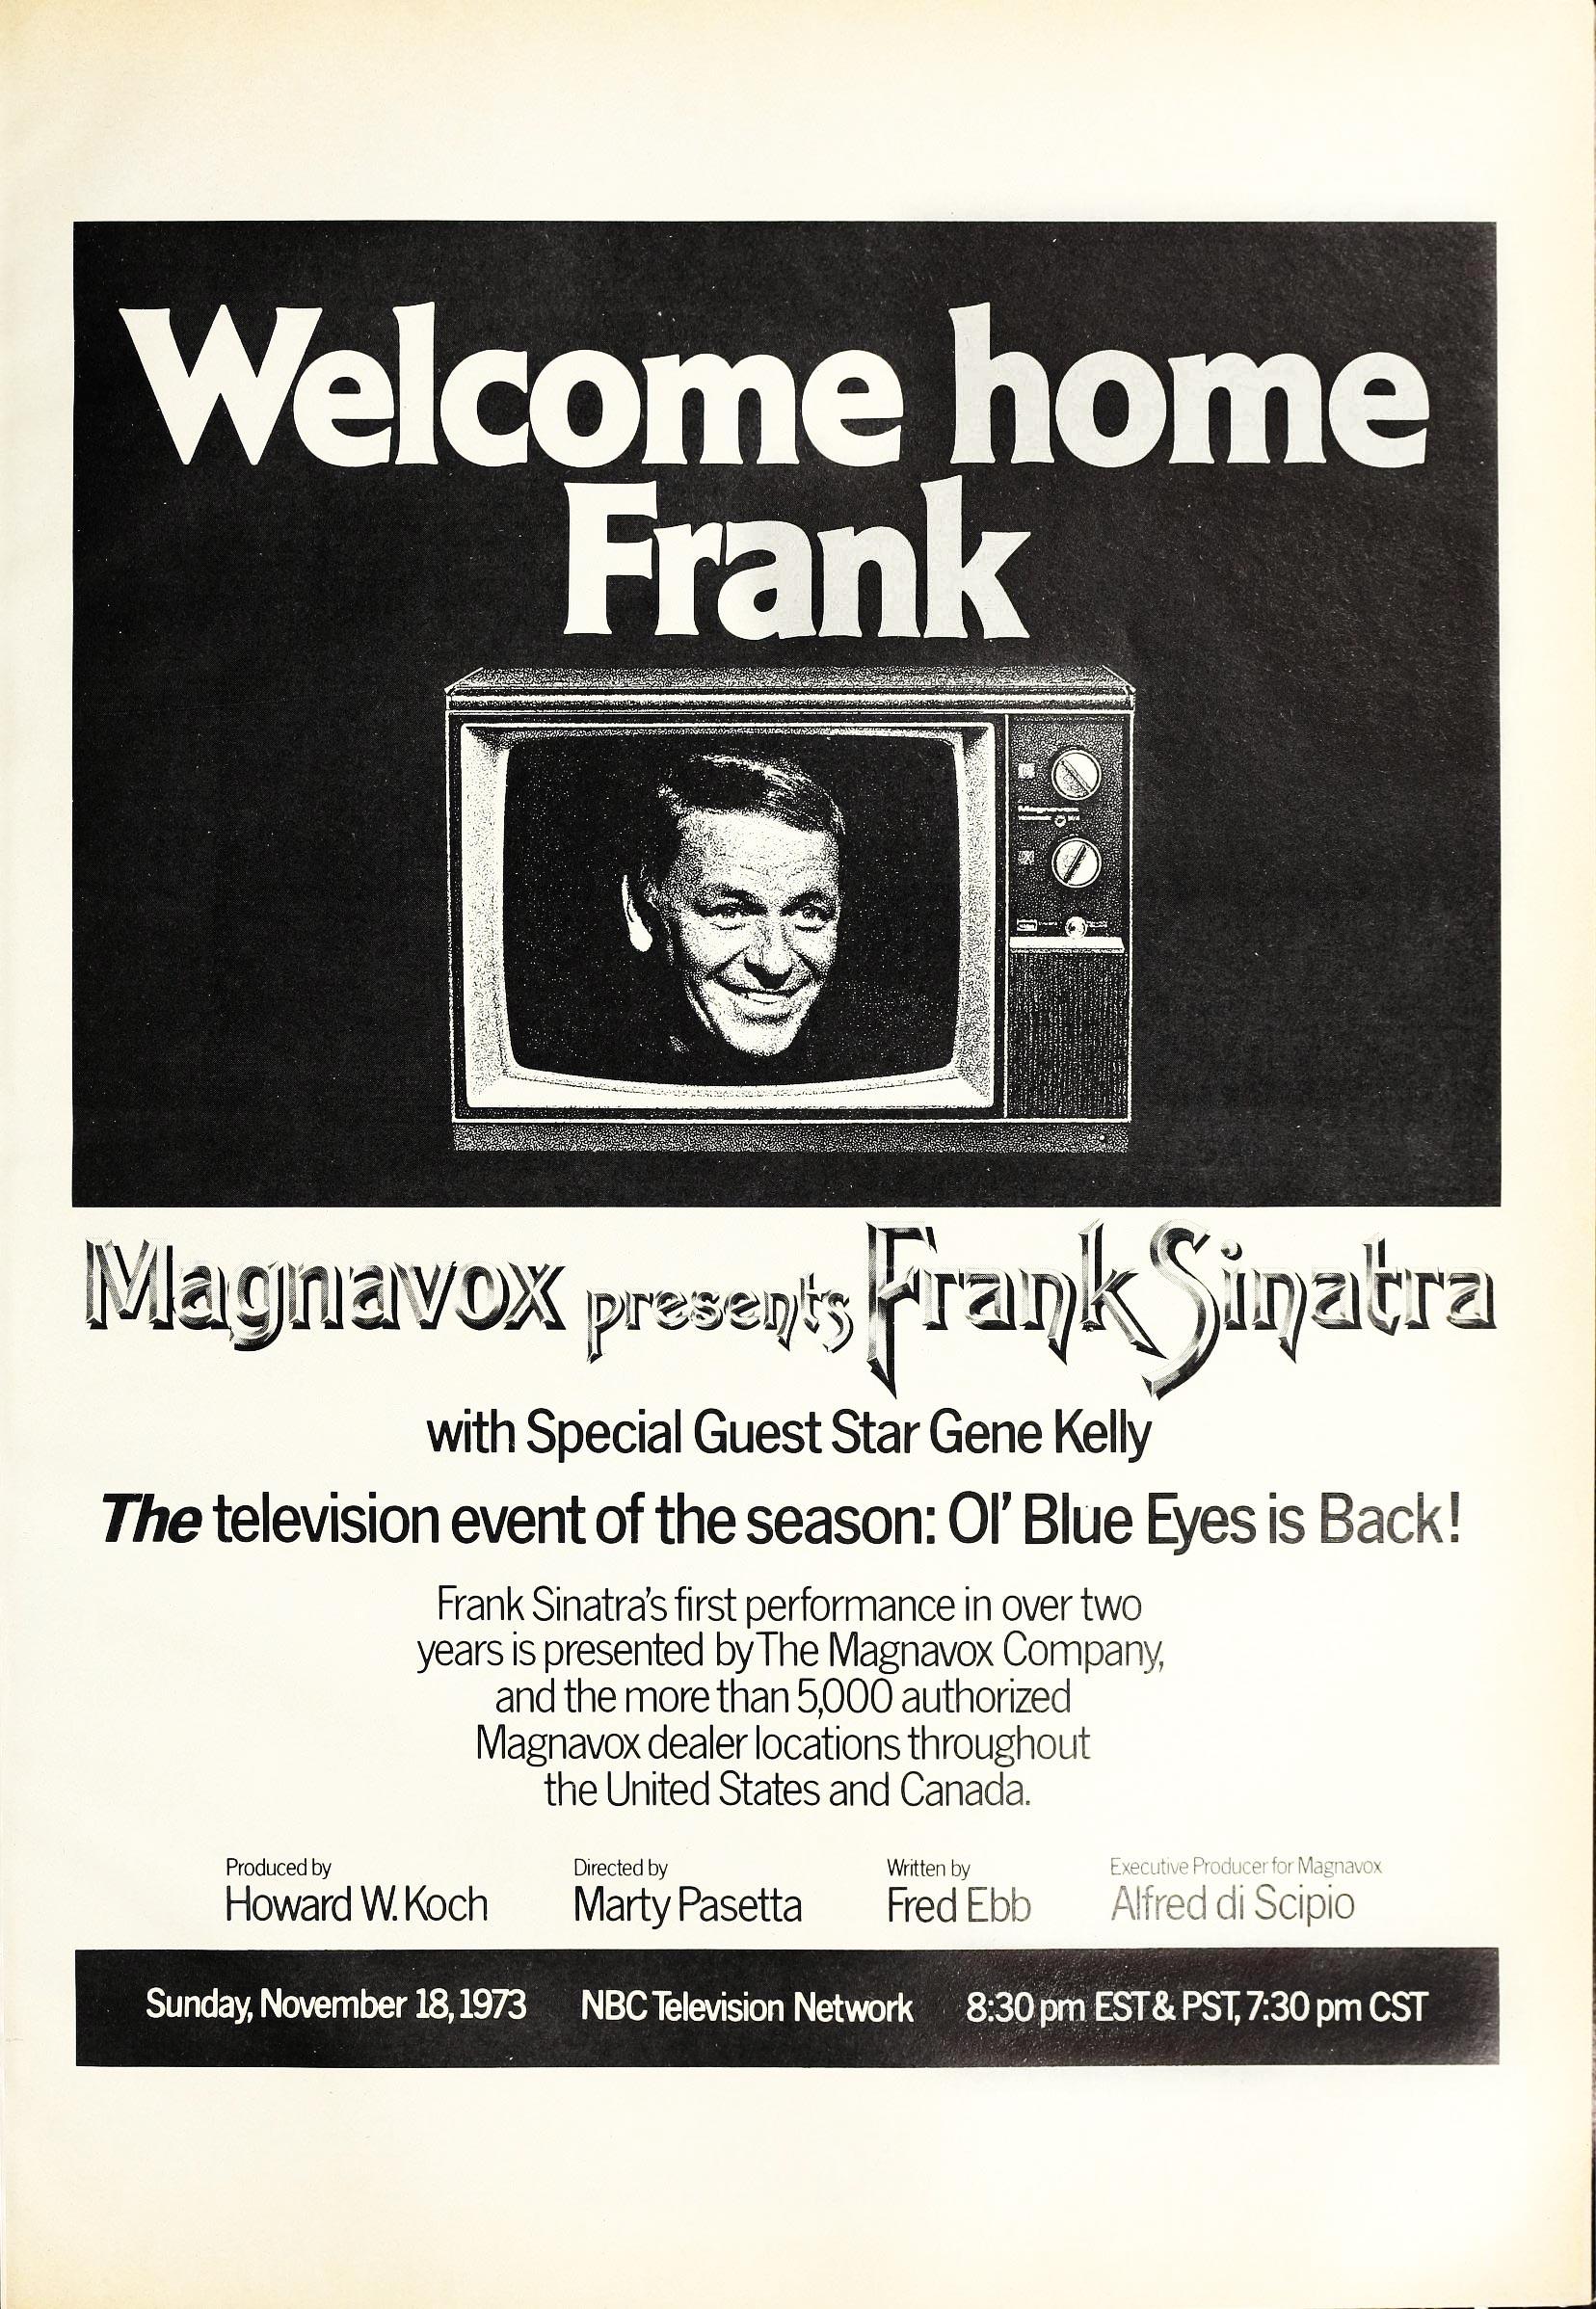 Ad for Frank Sinatra Magnavox TV special